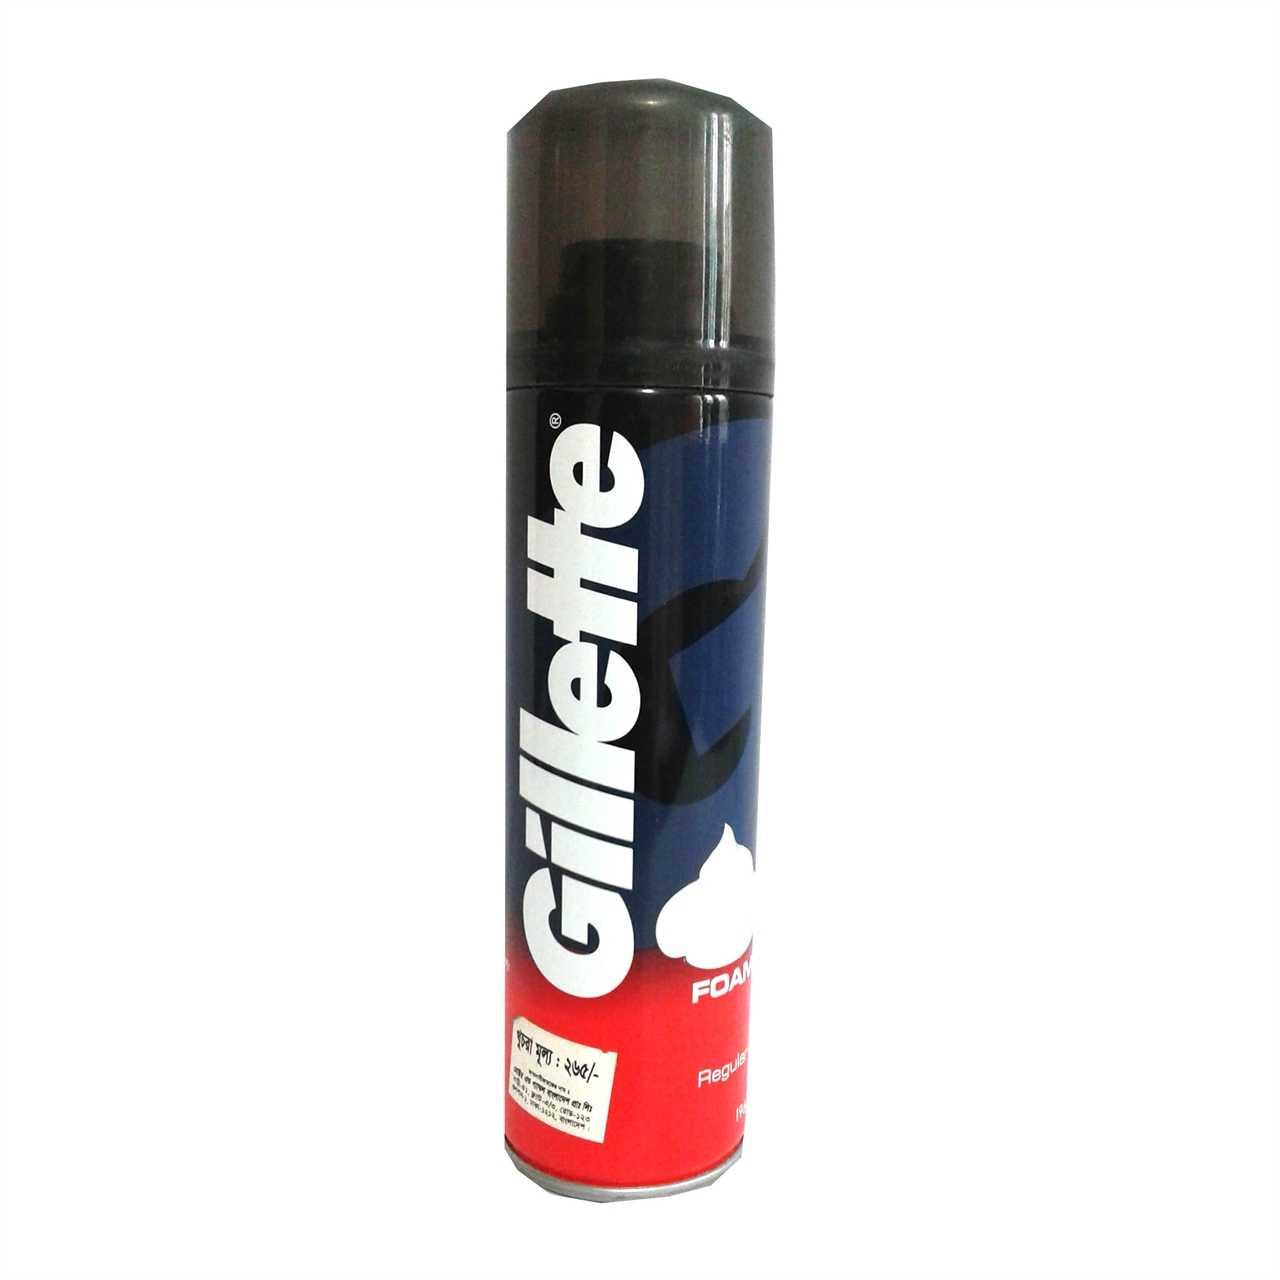 Gillette Shaving Foam Regular 196 gm